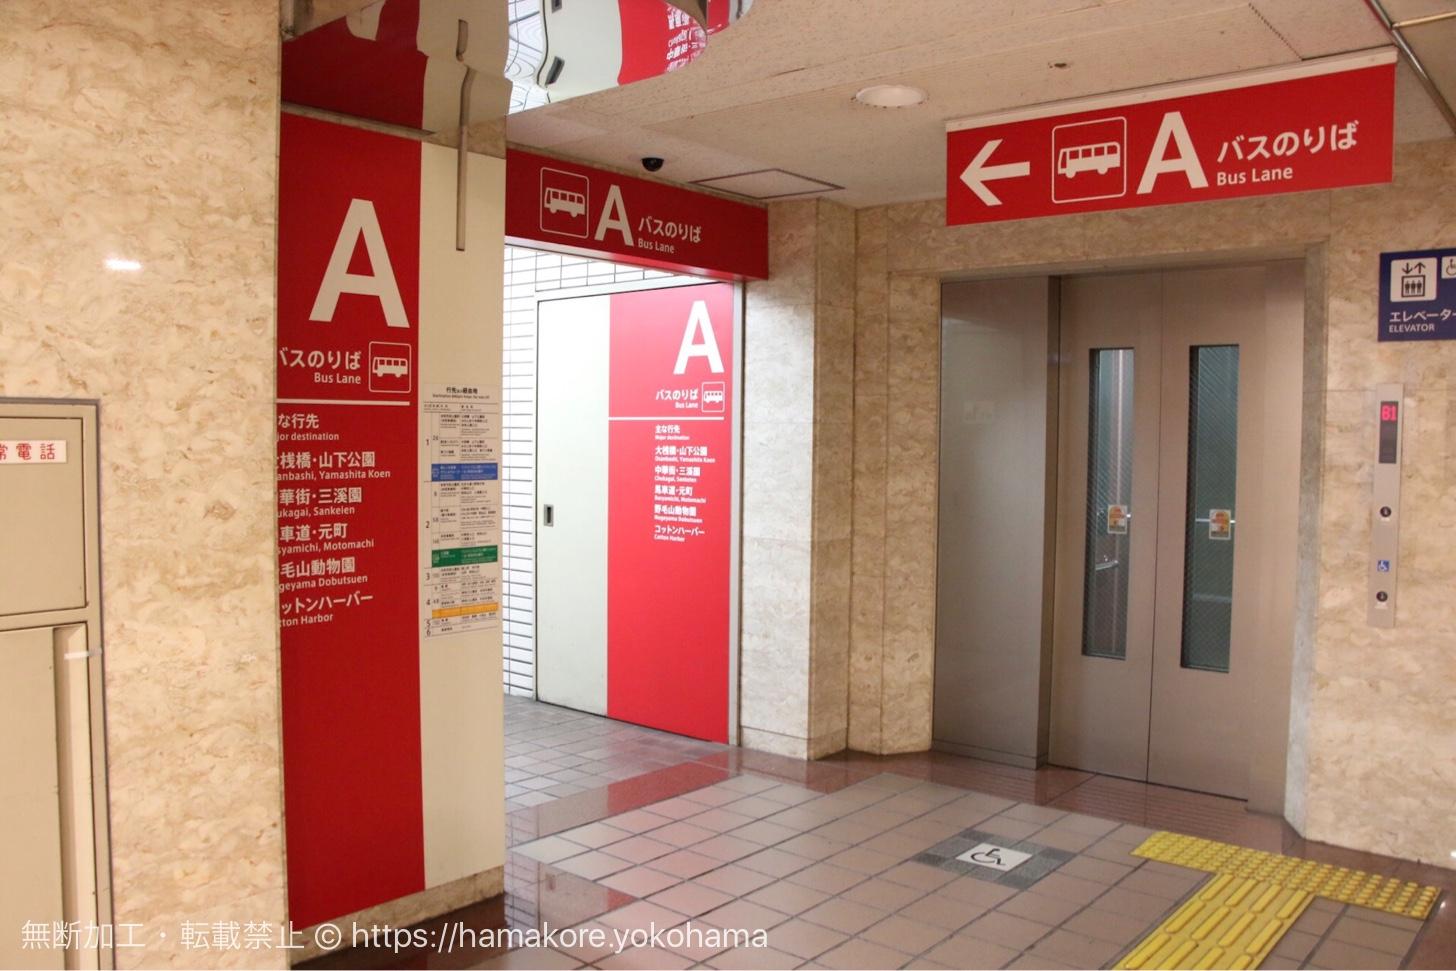 バスターミナル 入り口A